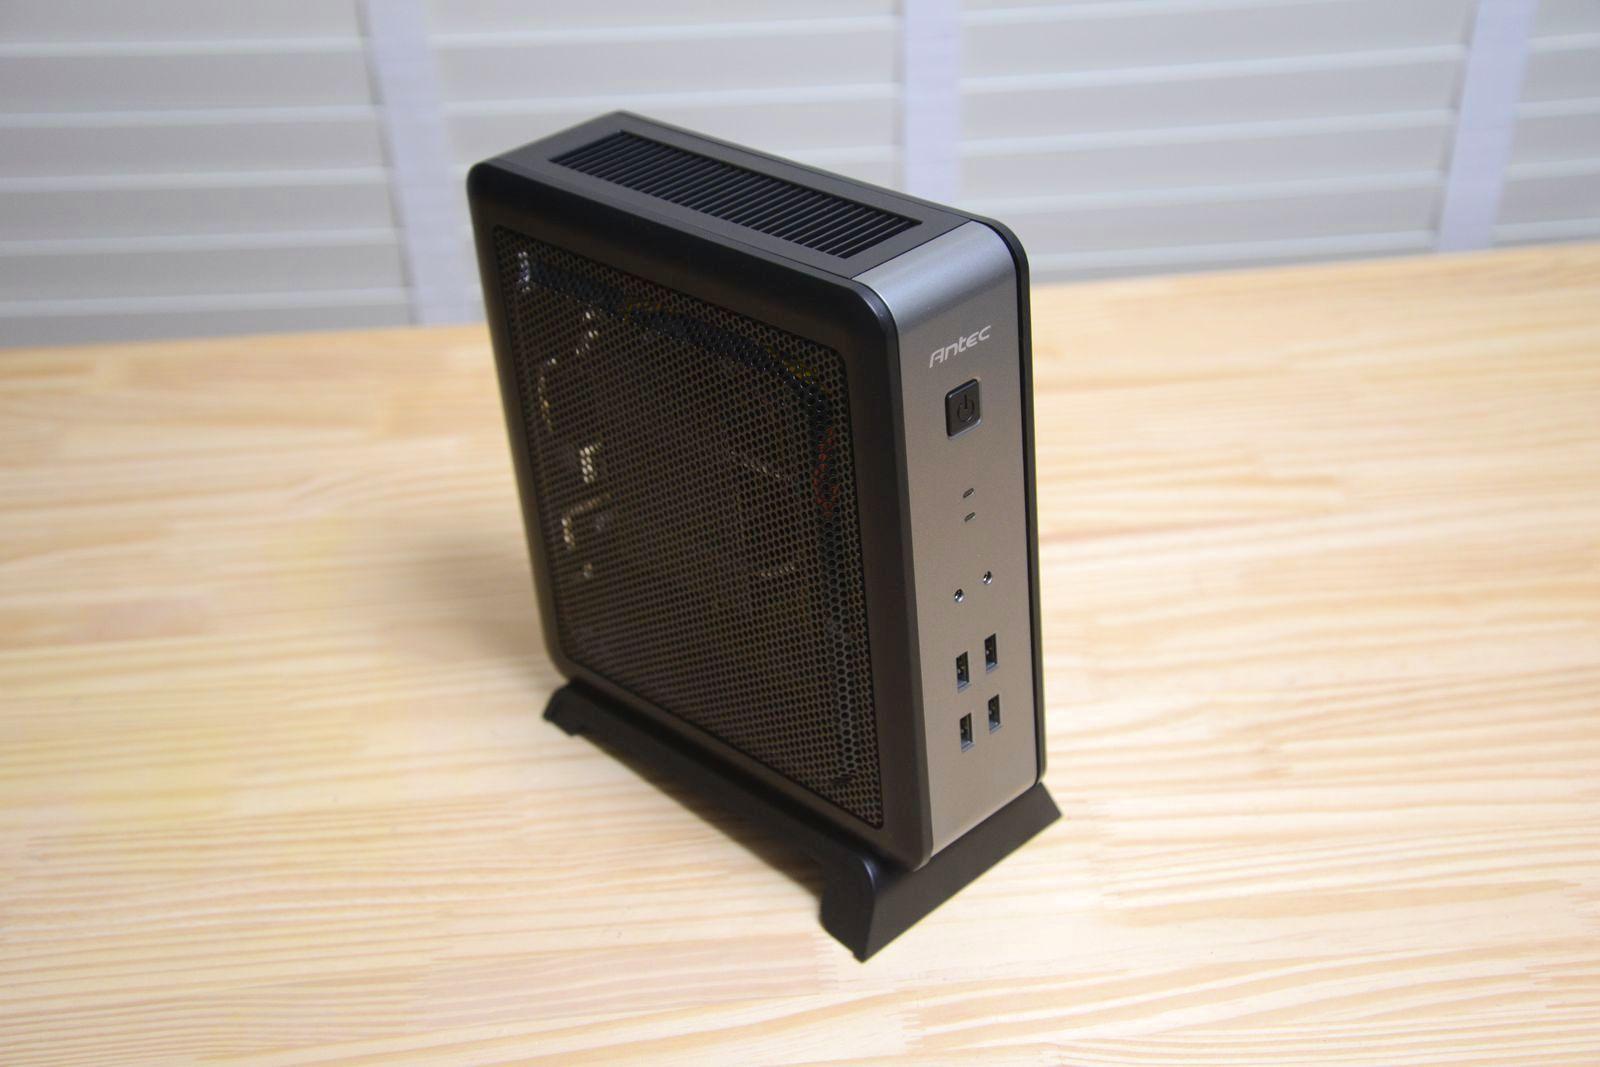 AntecのISK-110 VESAを採用した本製品は机上に置いても邪魔にならないぐらいにコンパクト